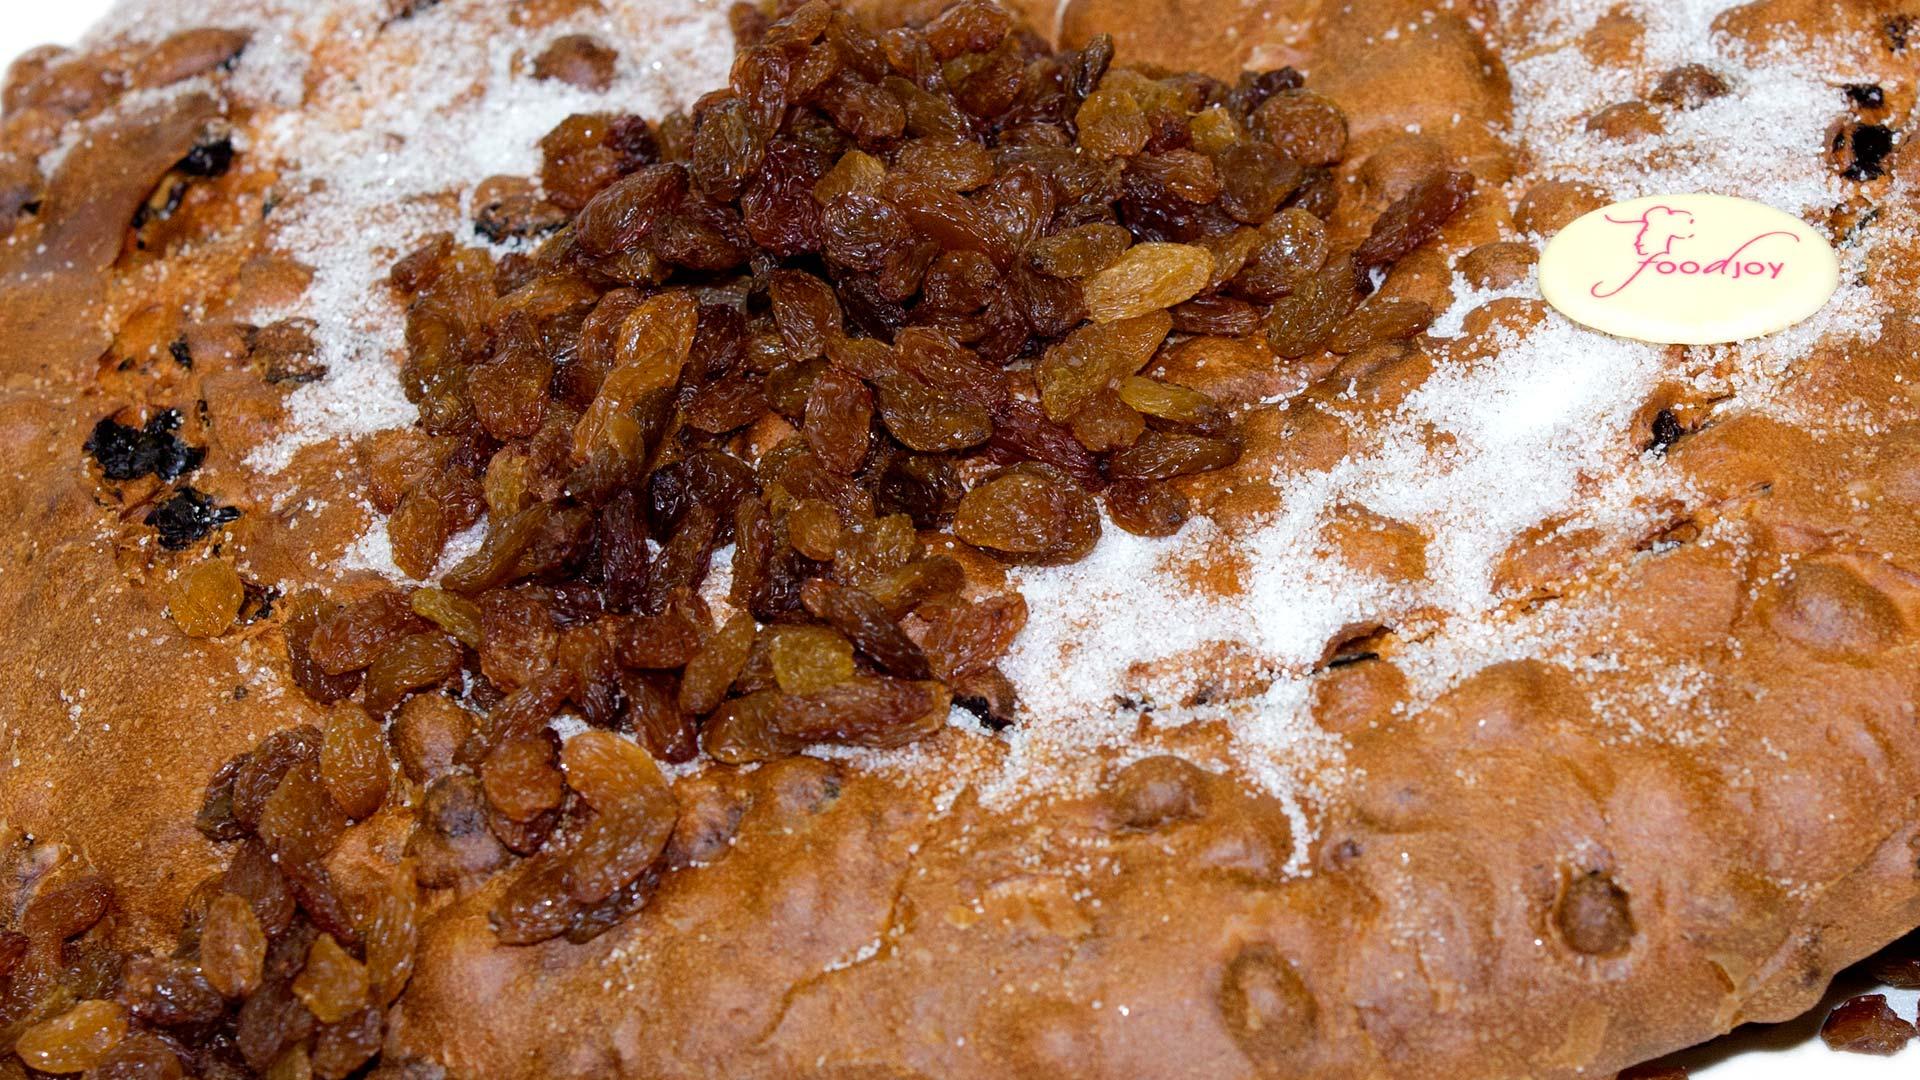 foodjoy-sweet-bakery-laboratorio-pasticceria-cantu-brioches-pasticcini-torte-caffe-ciambellone-pandolce-genovese